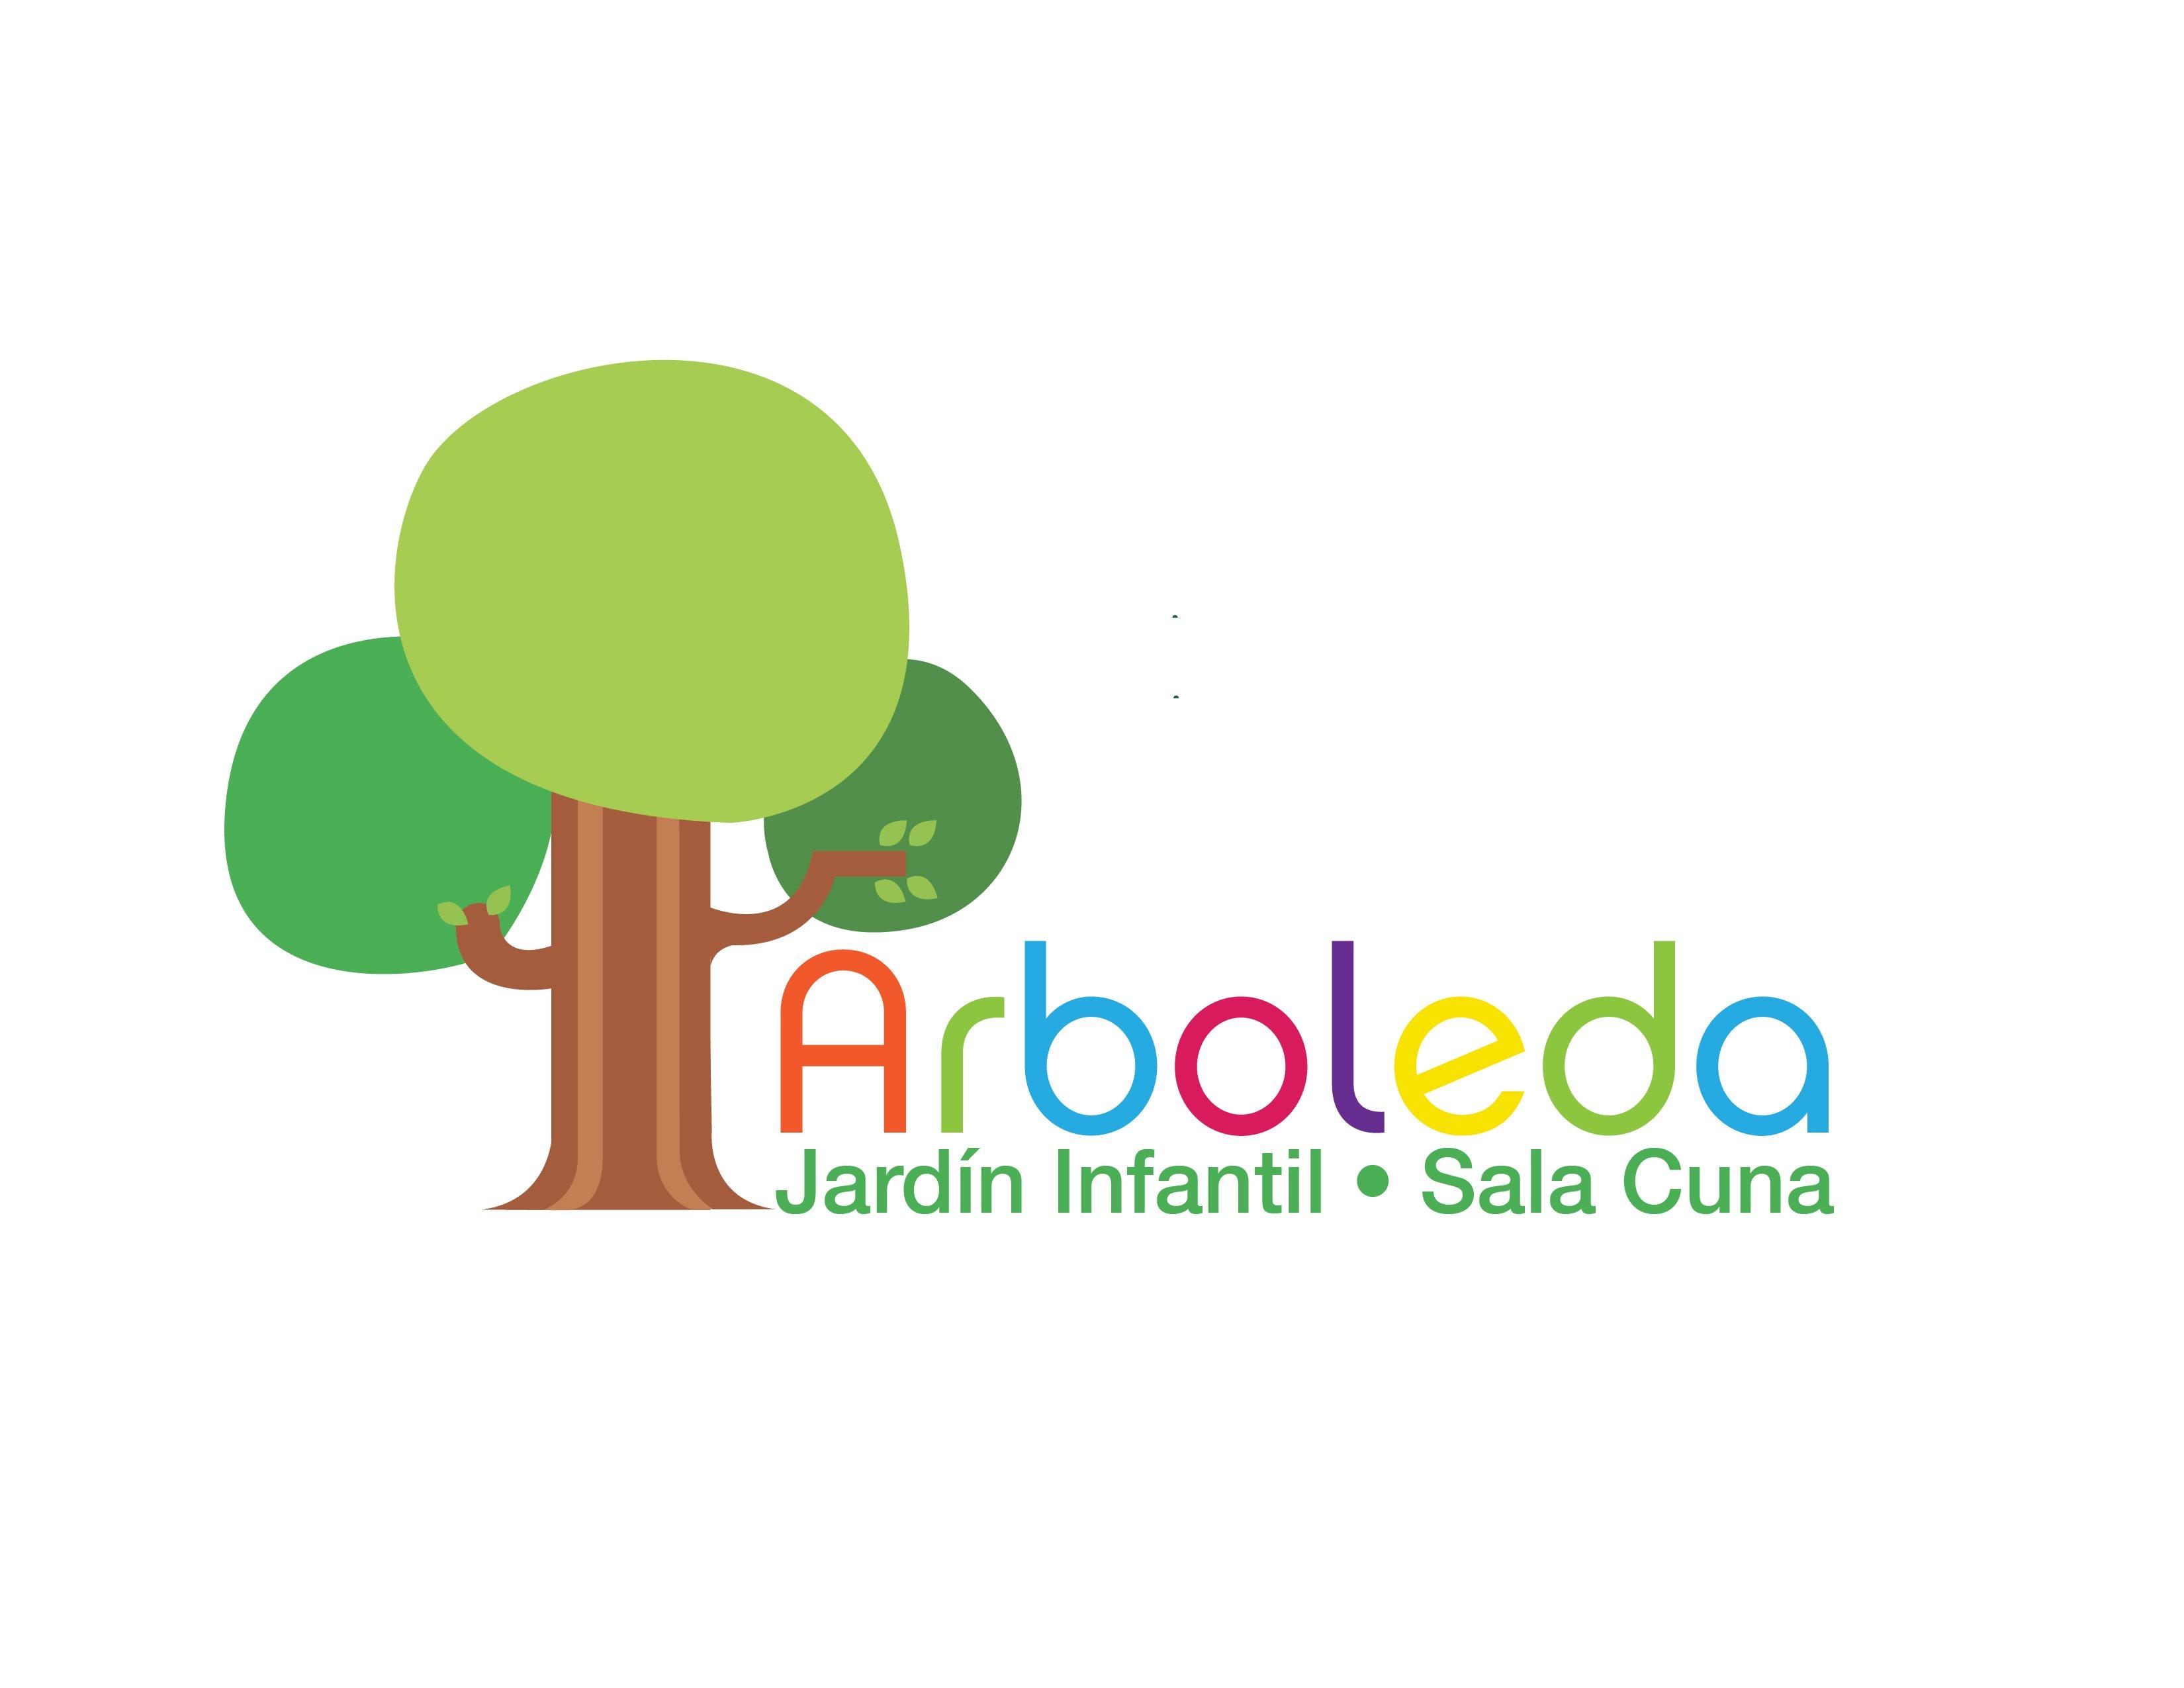 Evaluaciones de jard n infantil y sala cuna arboleda for Jardin infantil